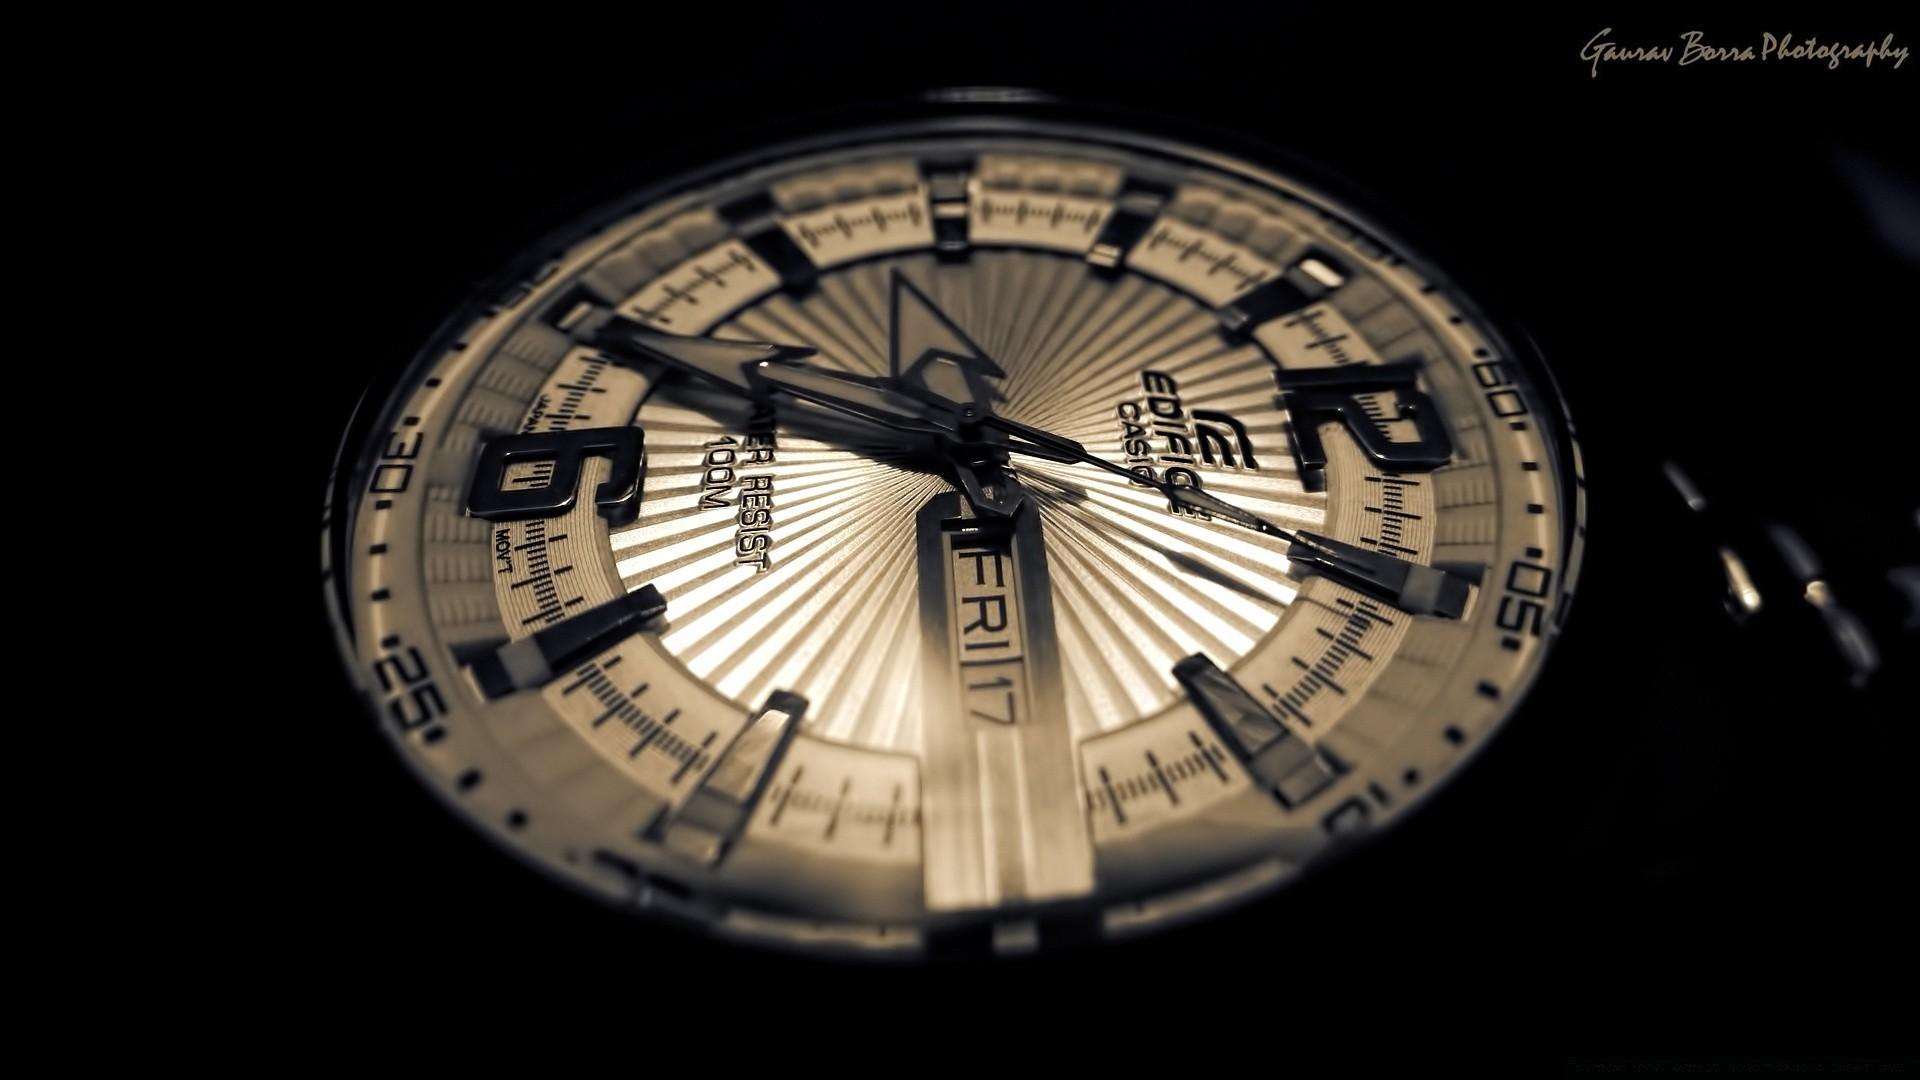 картинки на рабочий стол часы и дата кора это центр